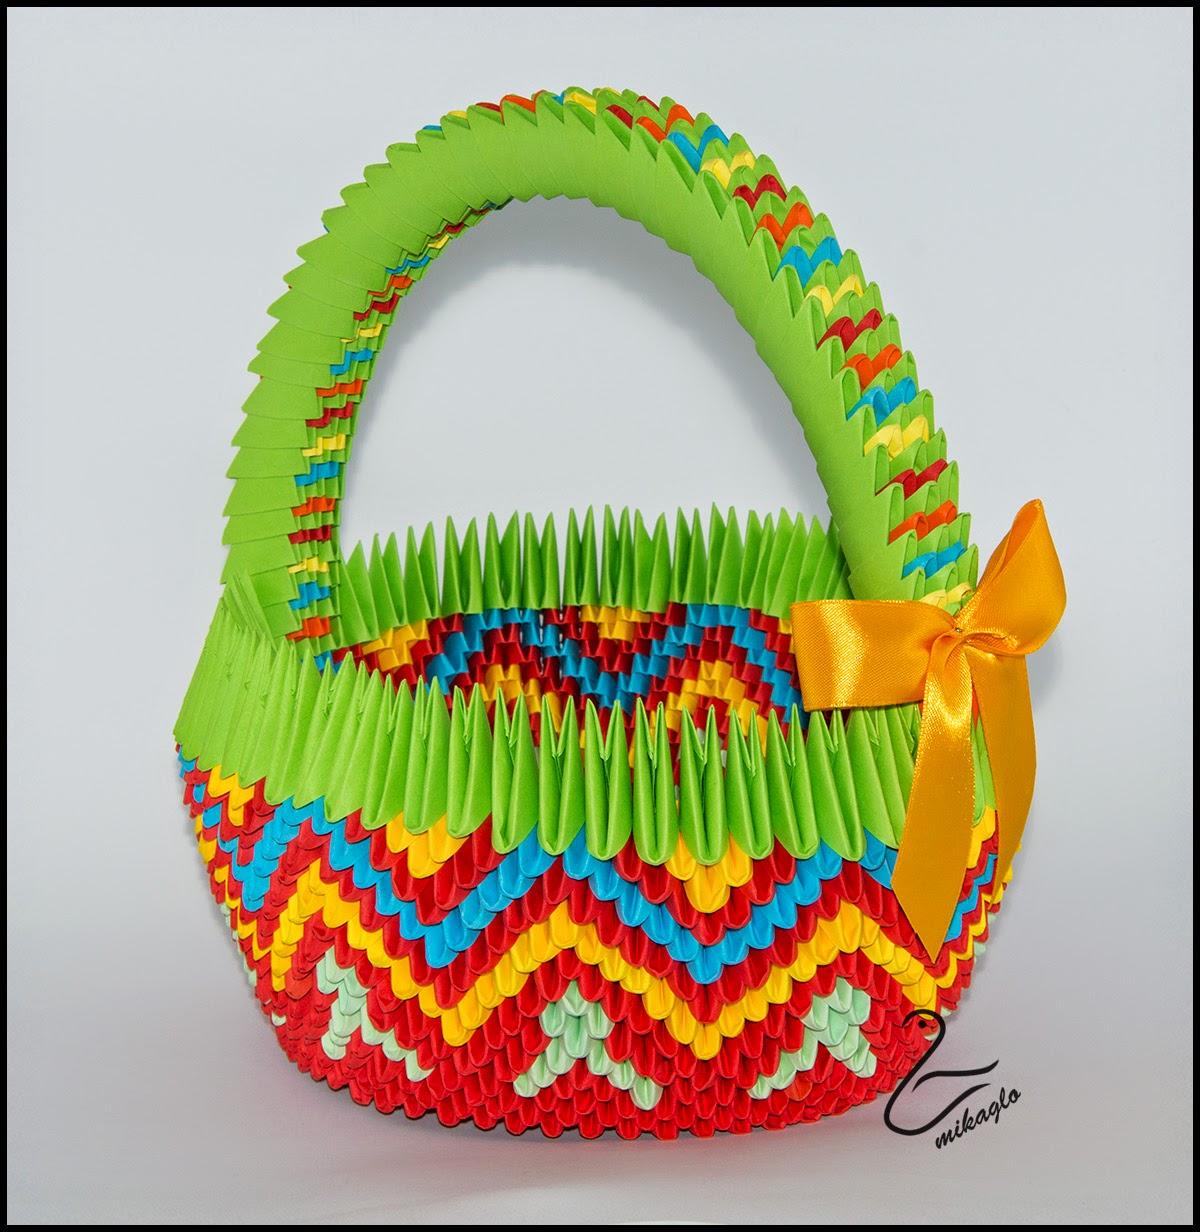 ... : 49. Wielkanocne koszyczki z origami / Origami 3d baskets for Easter